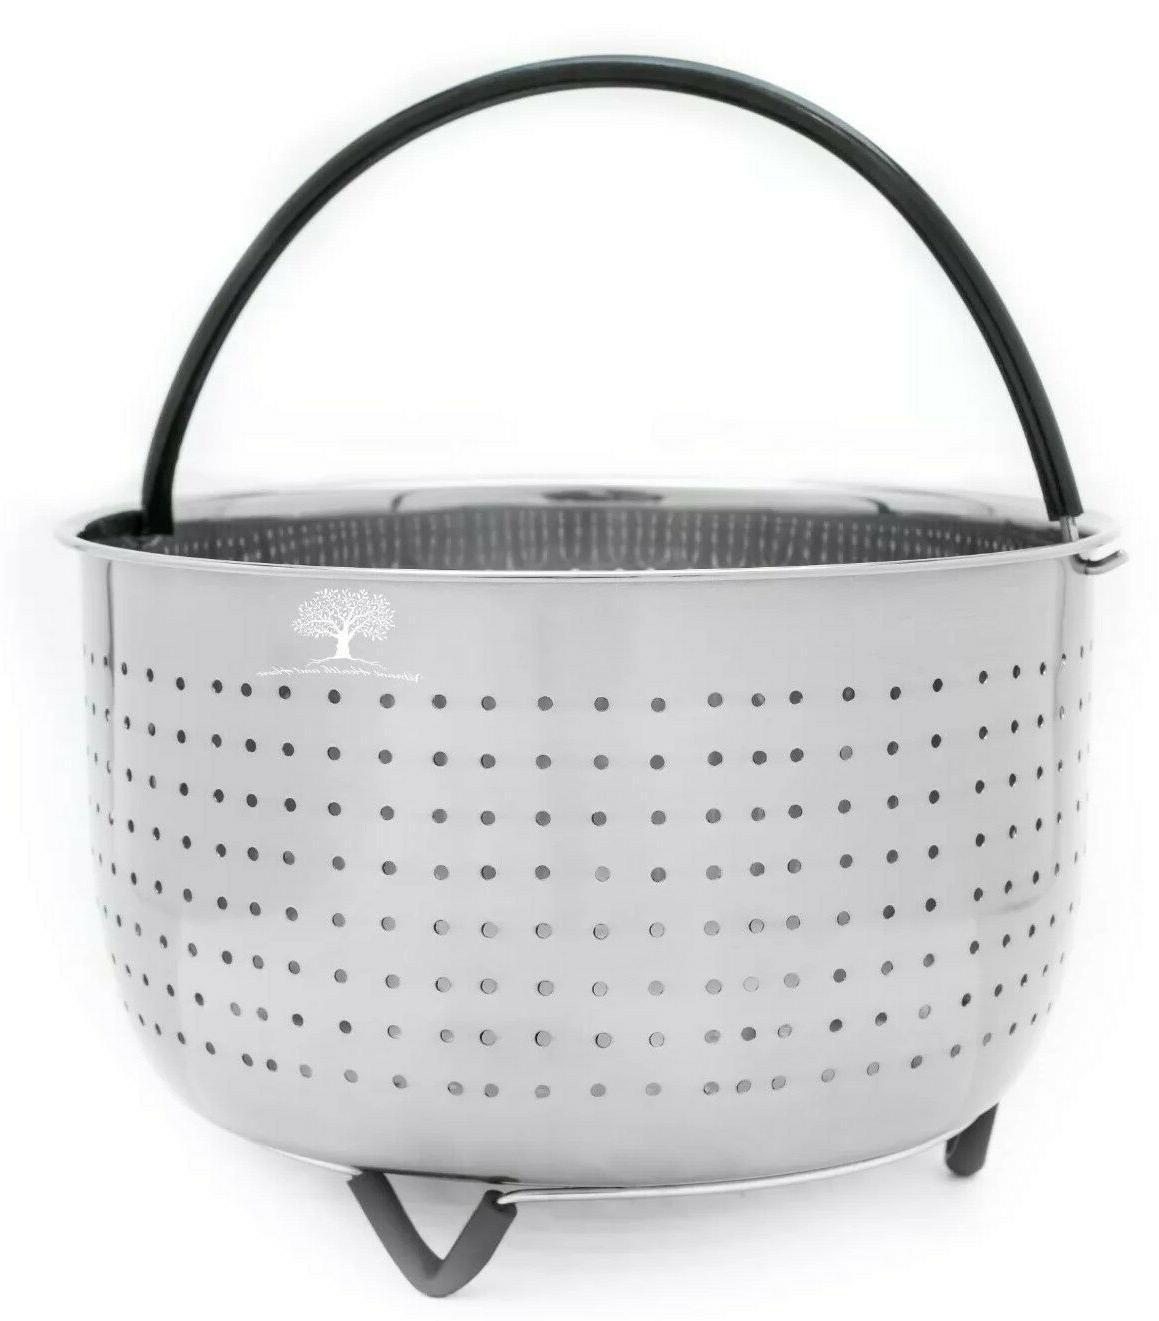 Steamer Basket Pot 8 QT Instapot 6QT